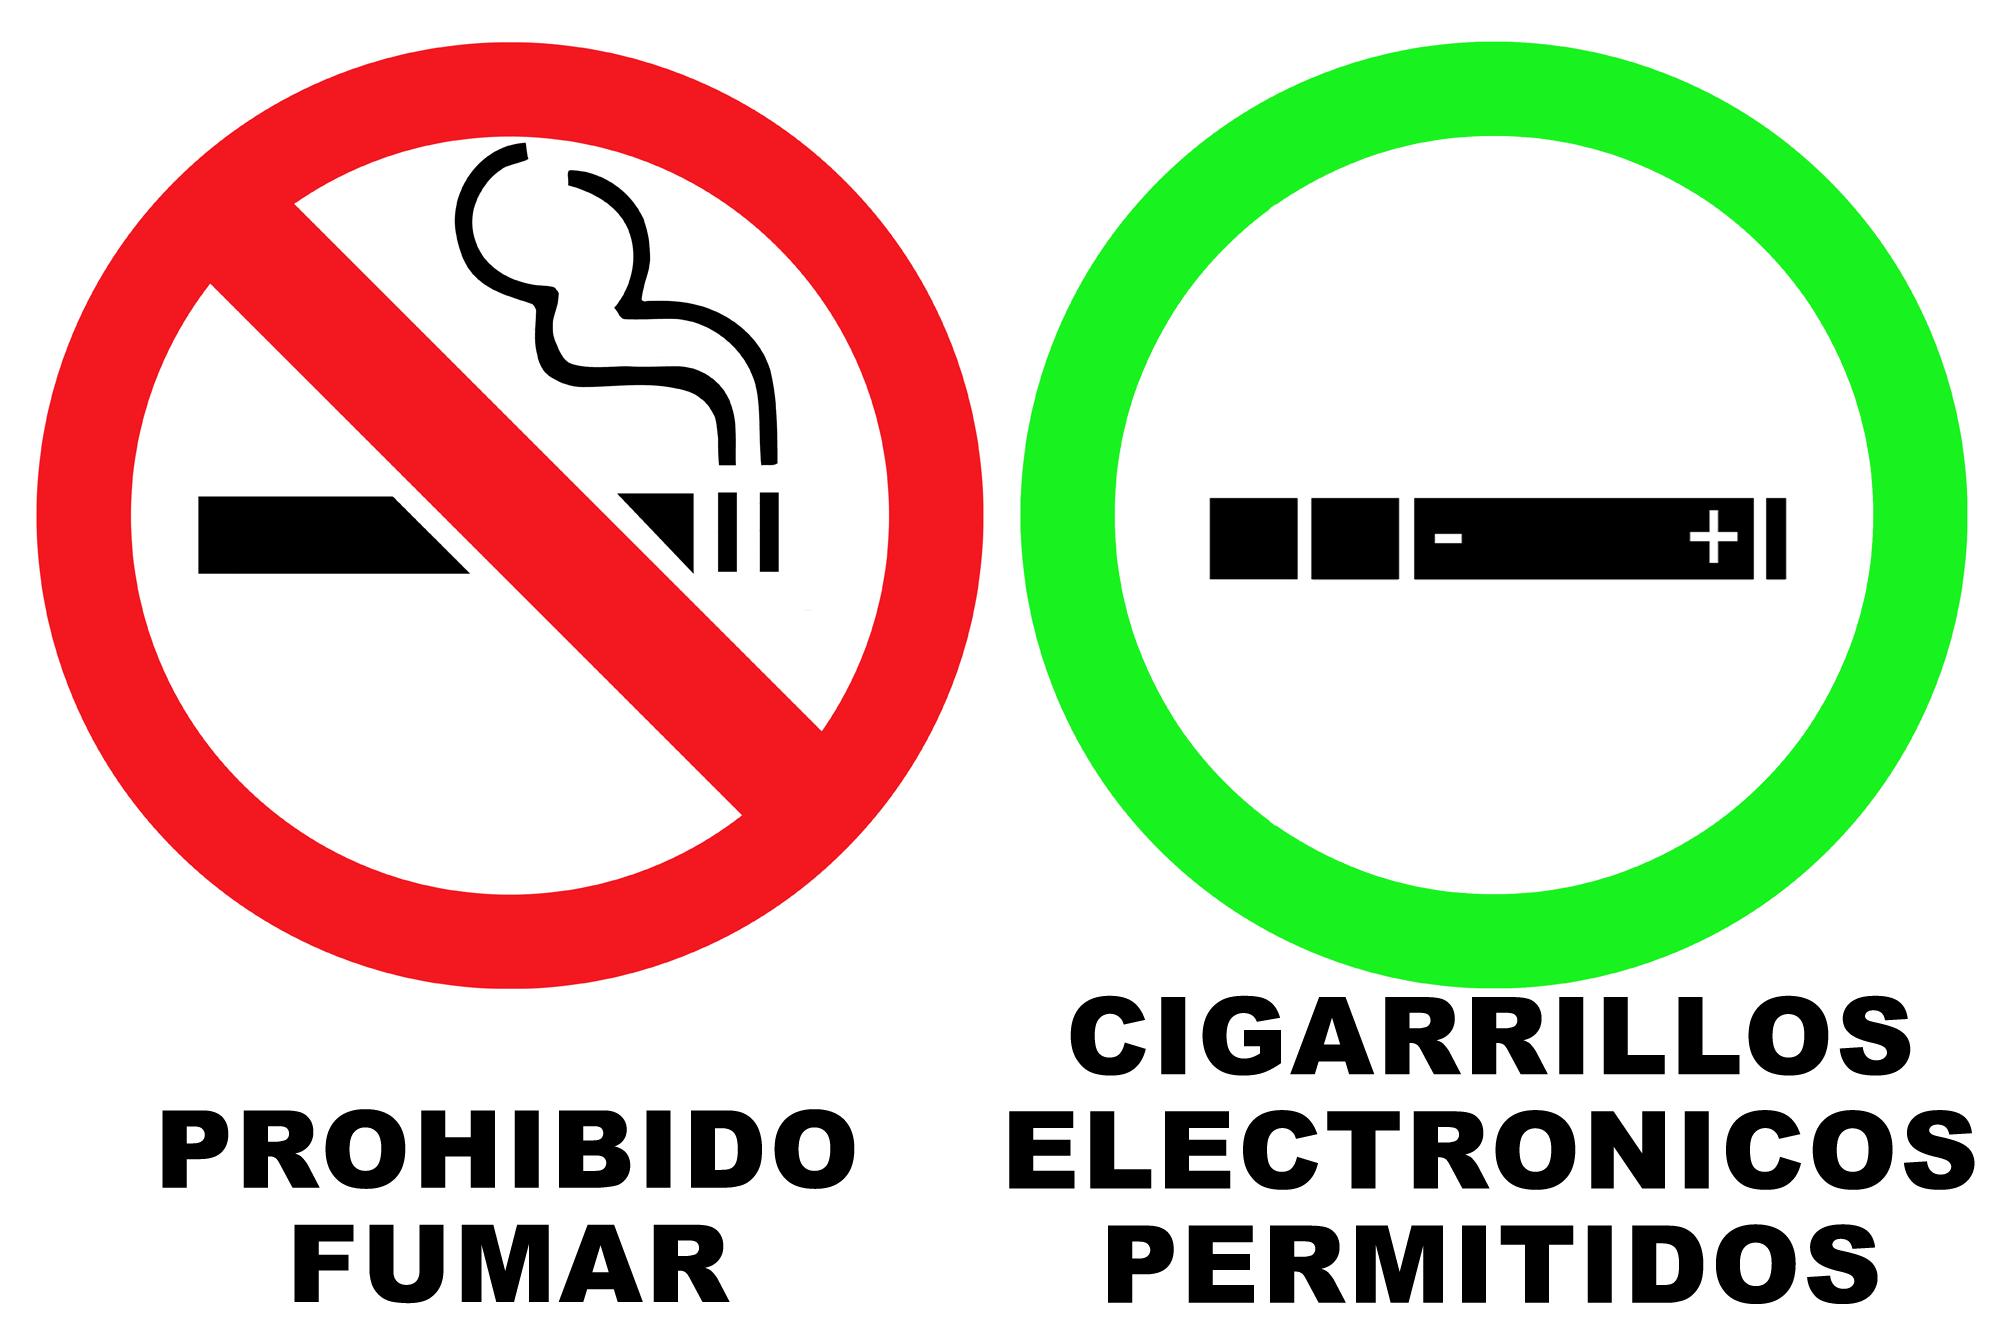 Ha dejado a fumar los cambios en el organismo la tabla